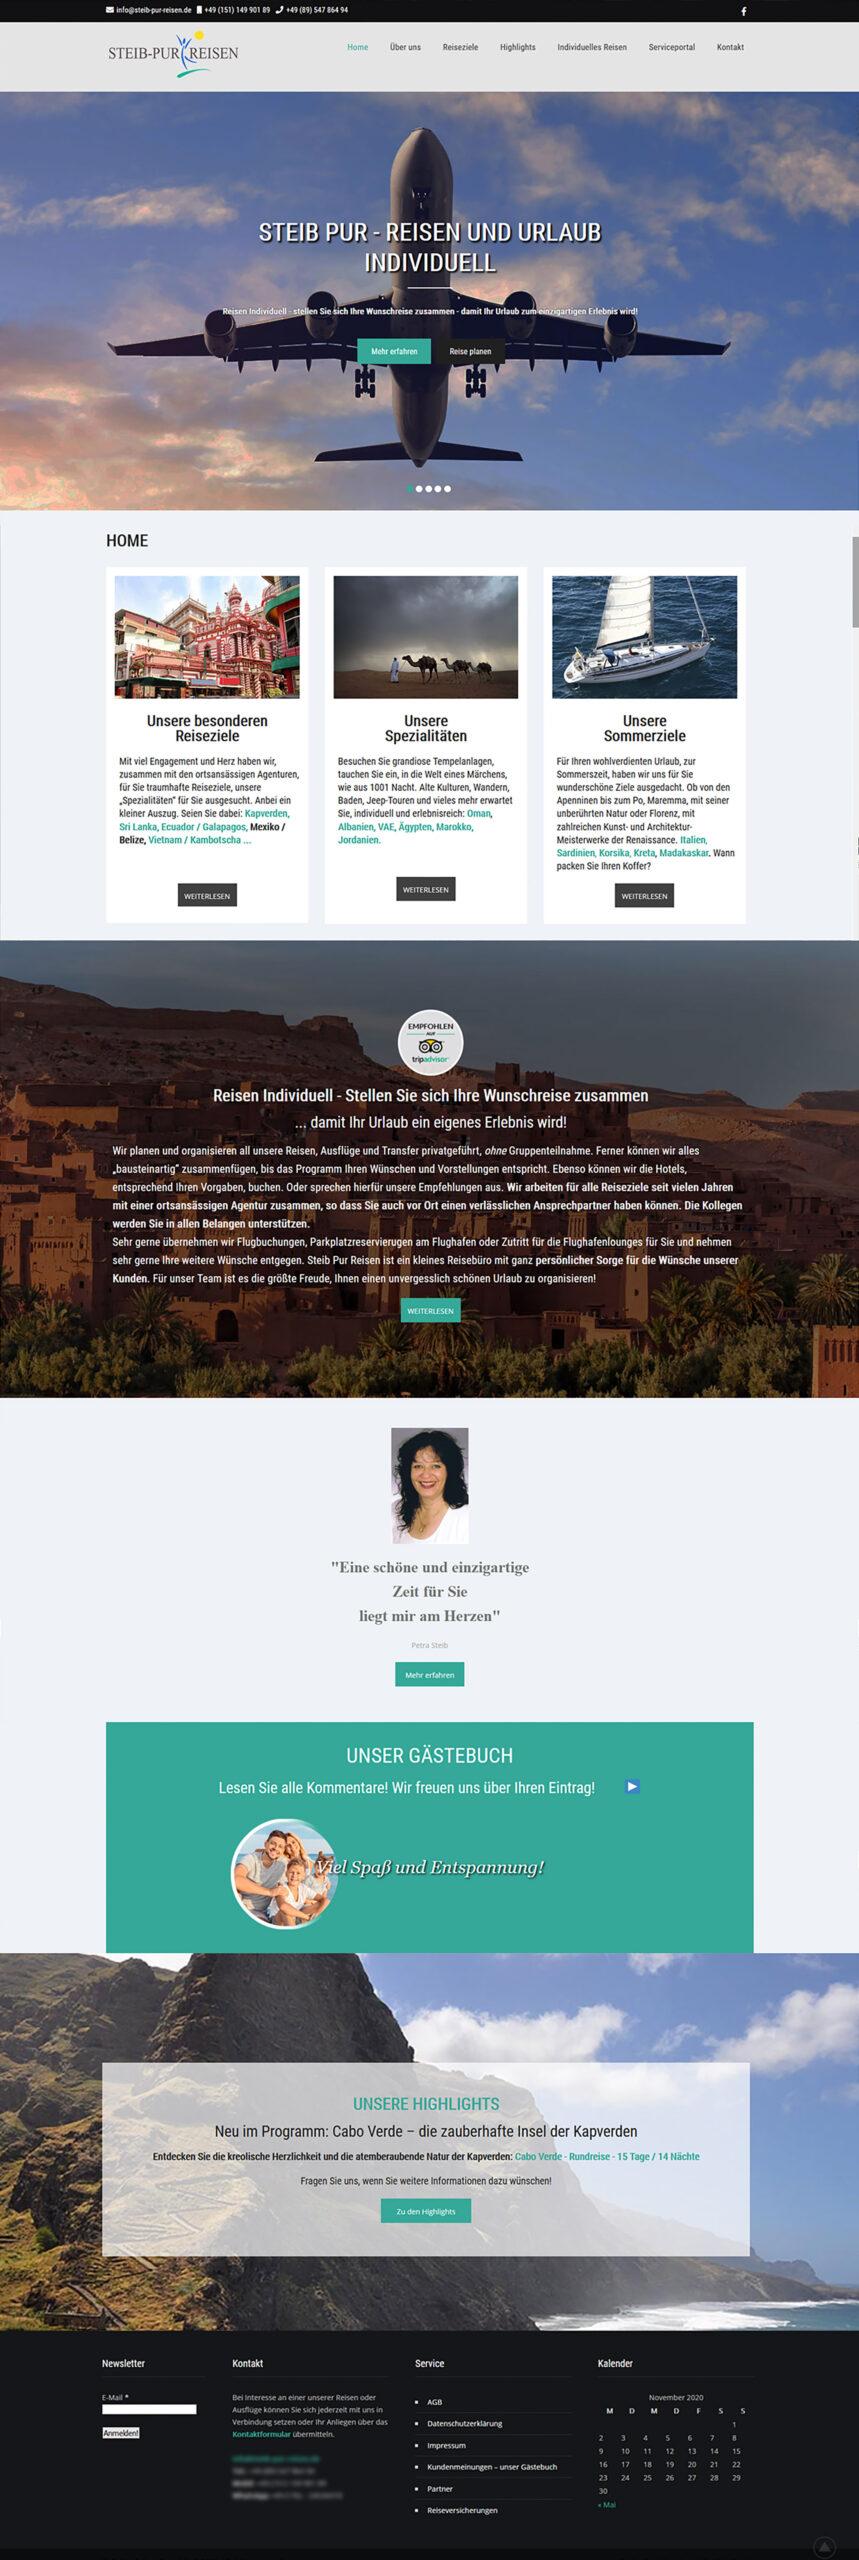 werbeagentur-steib-pur-reisen-design-meets-web-web-grafik-print-werbetechnik-muenchen-markt schwaben